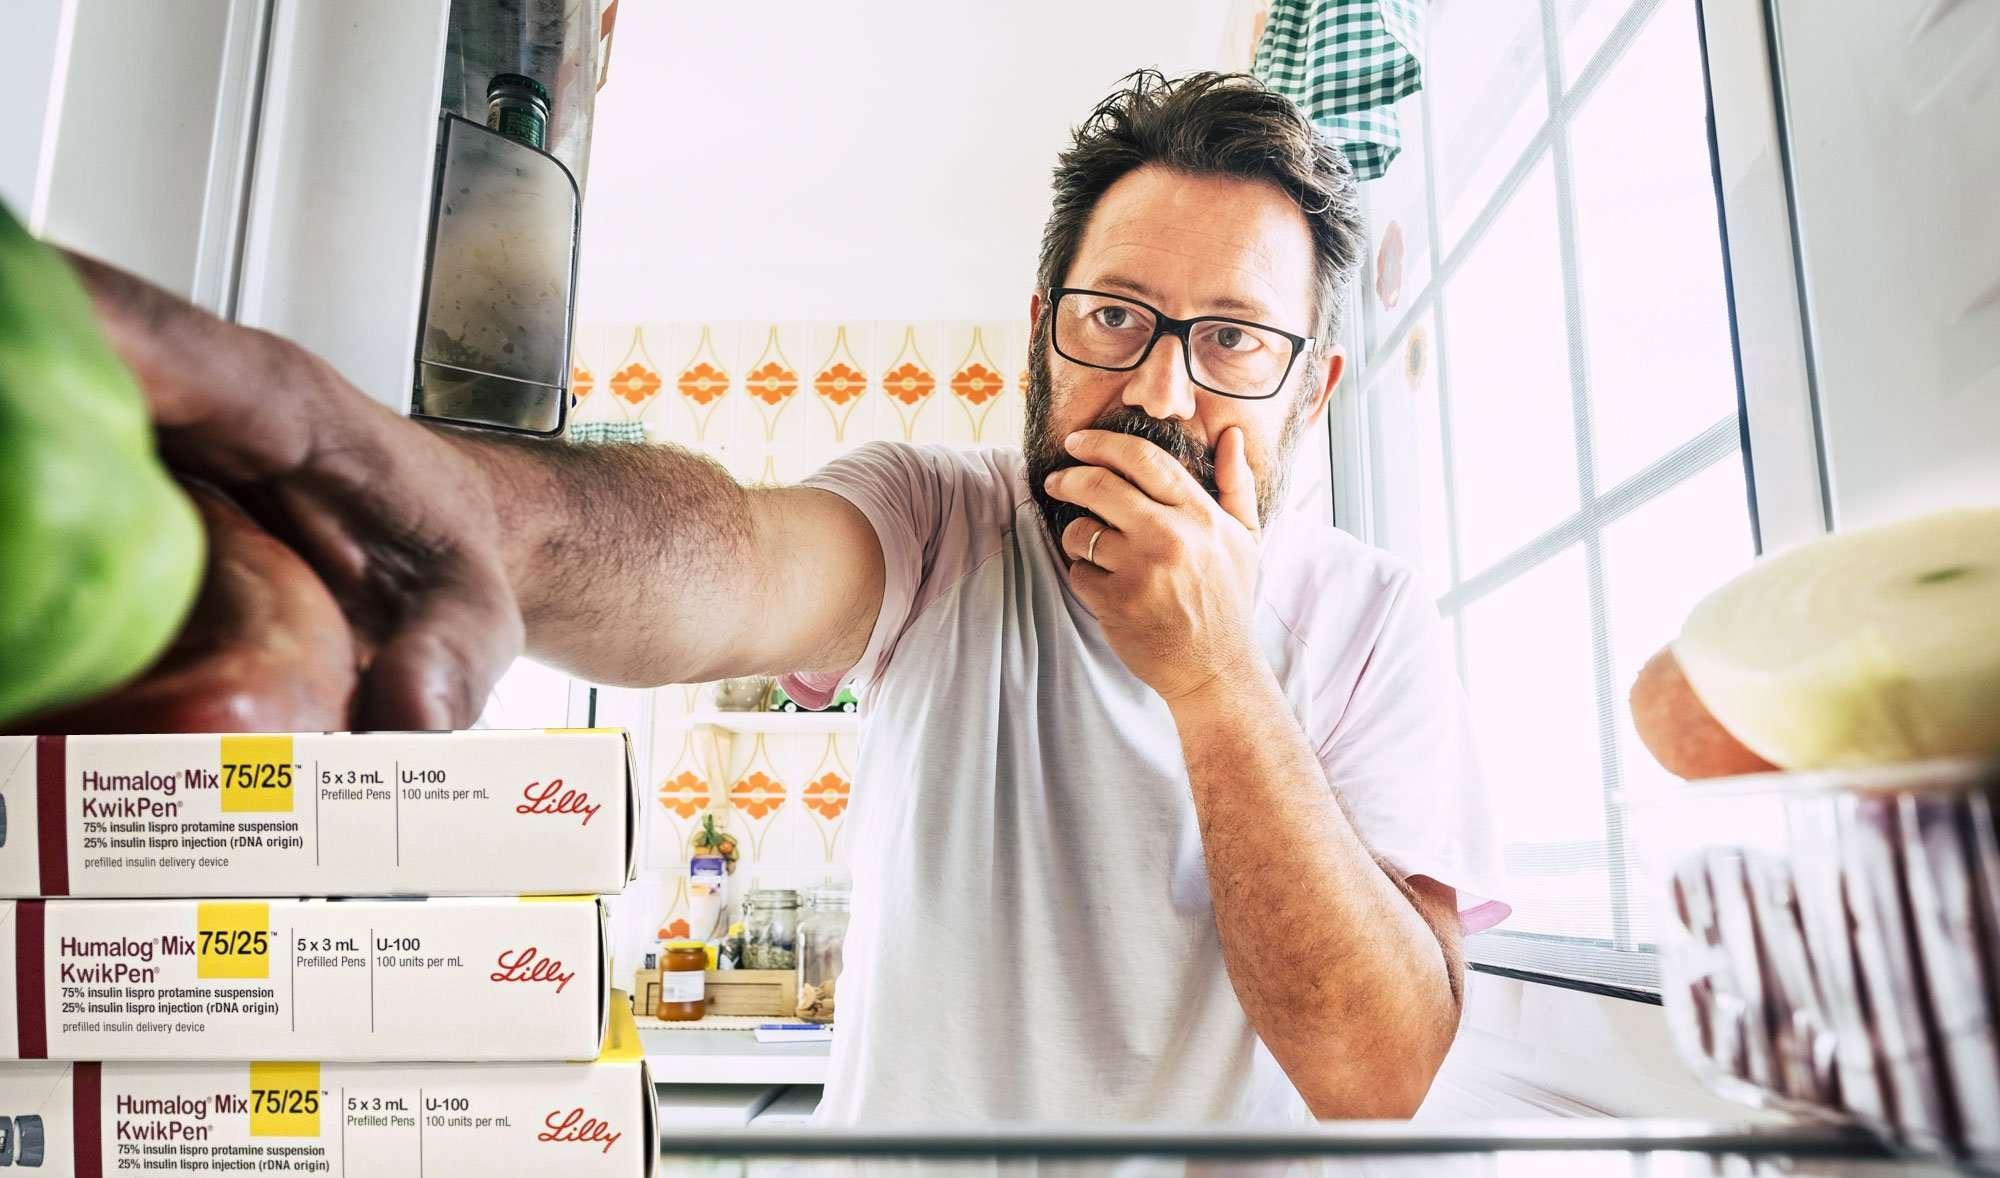 Man reaching for apple in fridge